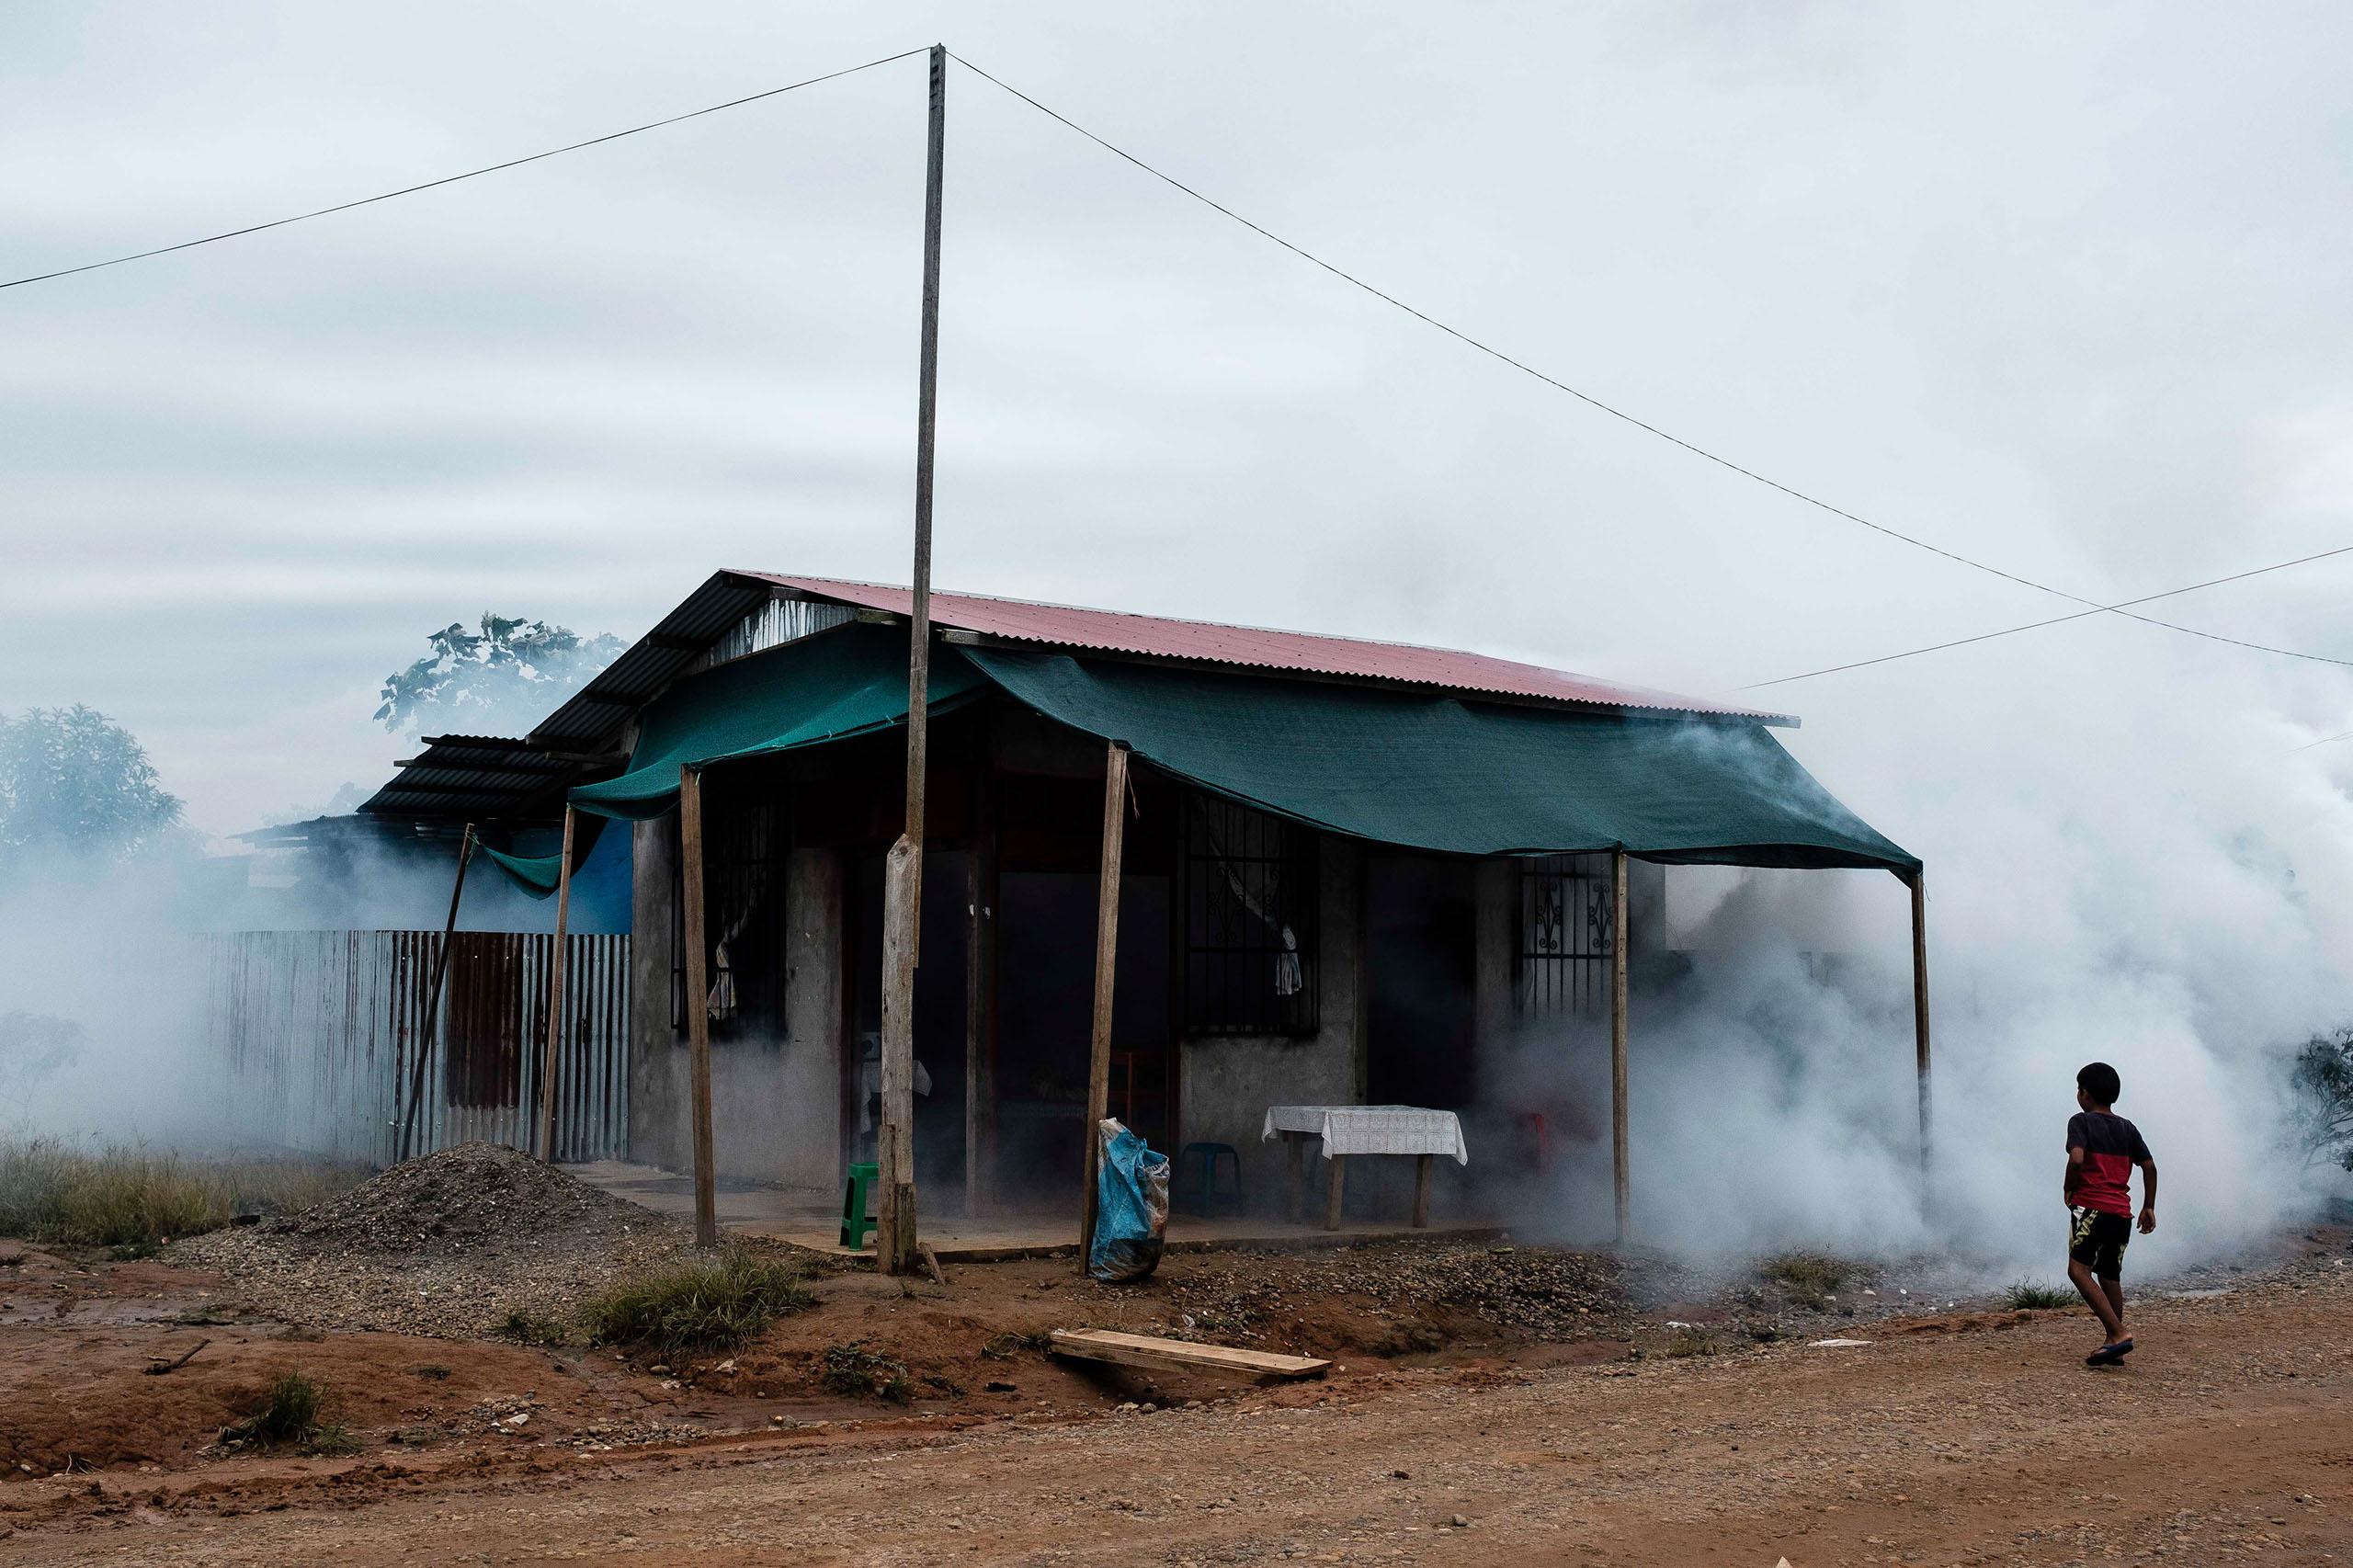 FUMIGACIÓN.Centro poblado de La Joya, en Puerto Maldonado. Debido a proliferación del vector que transmite la enfermedad, las autoridades fumigaron varias zonas. (Foto: Óscar Rosario Ylataype)